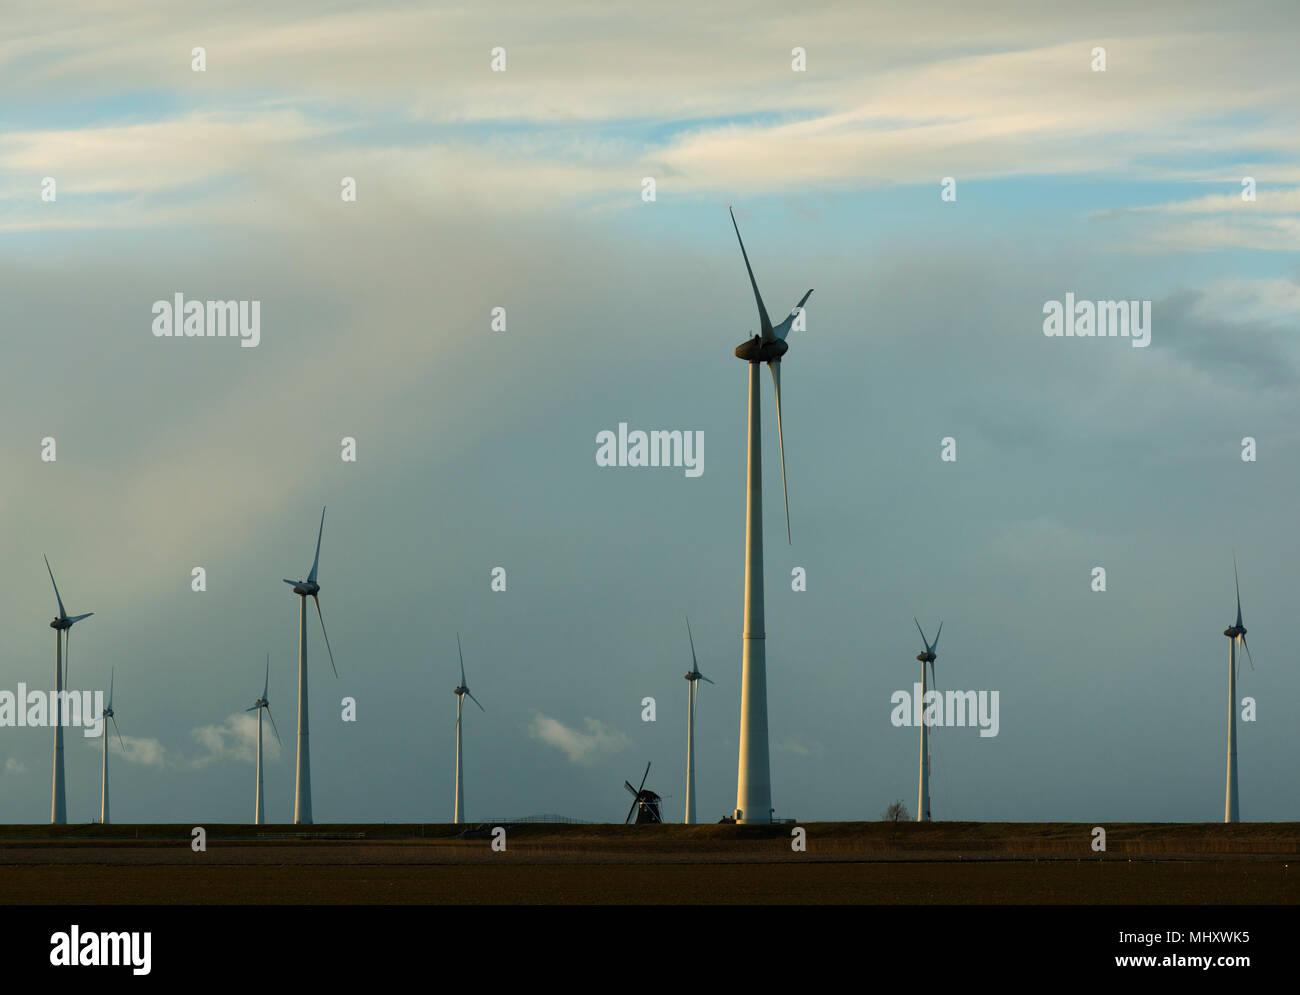 Le moderne turbine eoliche intorno a lone tradizionale mulino, Delfzijl, Groningen, Paesi Bassi Immagini Stock